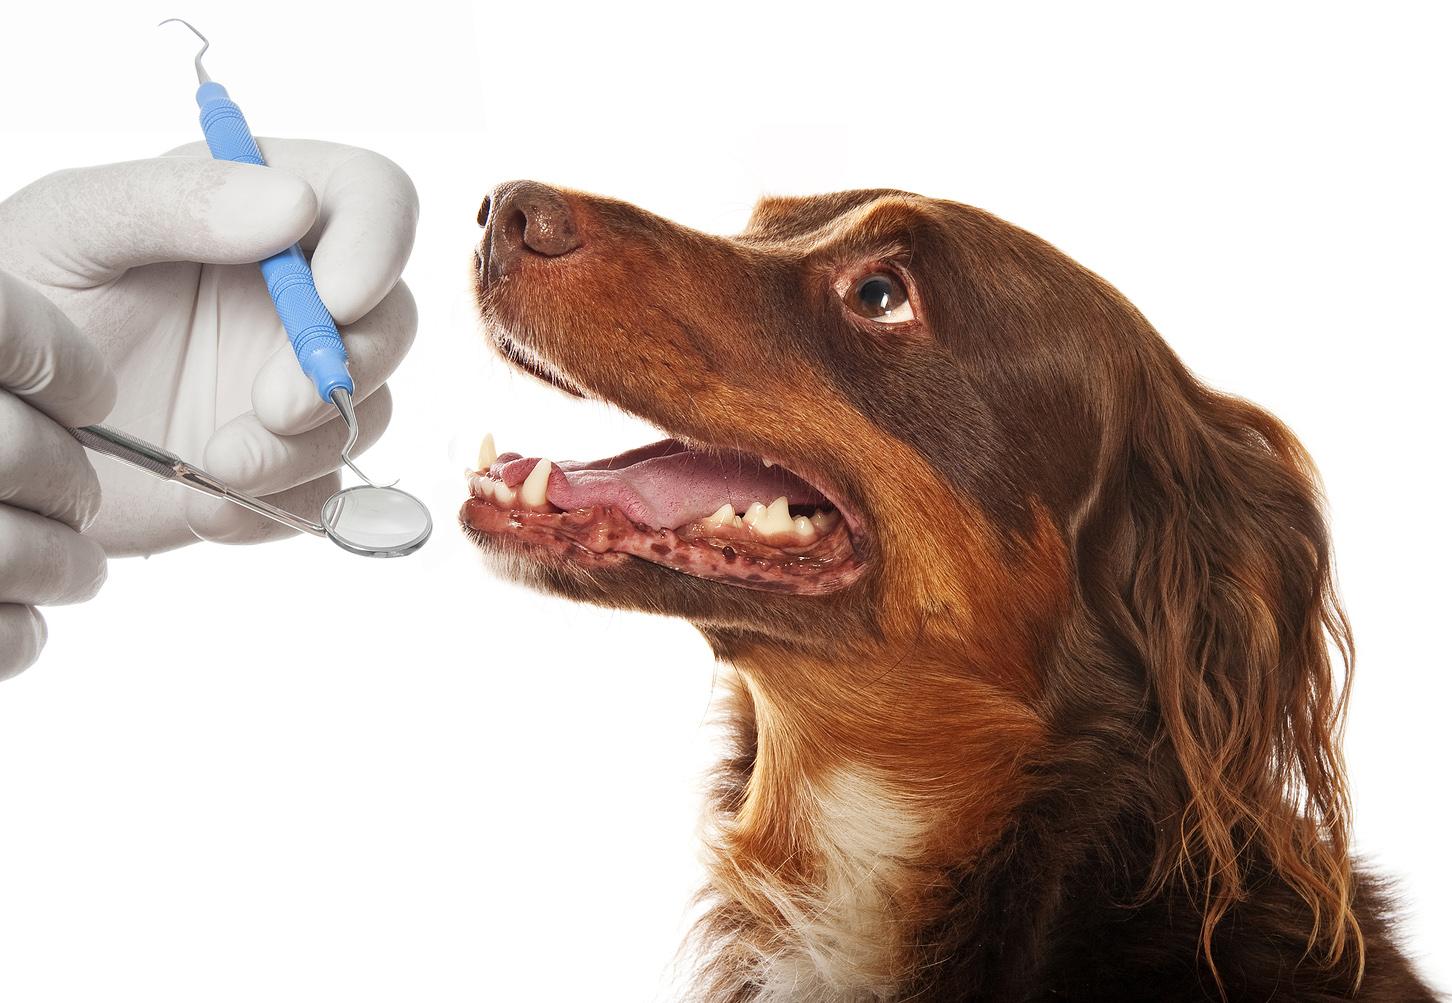 Port-Orchard-Animal-Clinic_Dr-Liz-Oien-DVM_Veterinarian_pet-care-dental.jpg